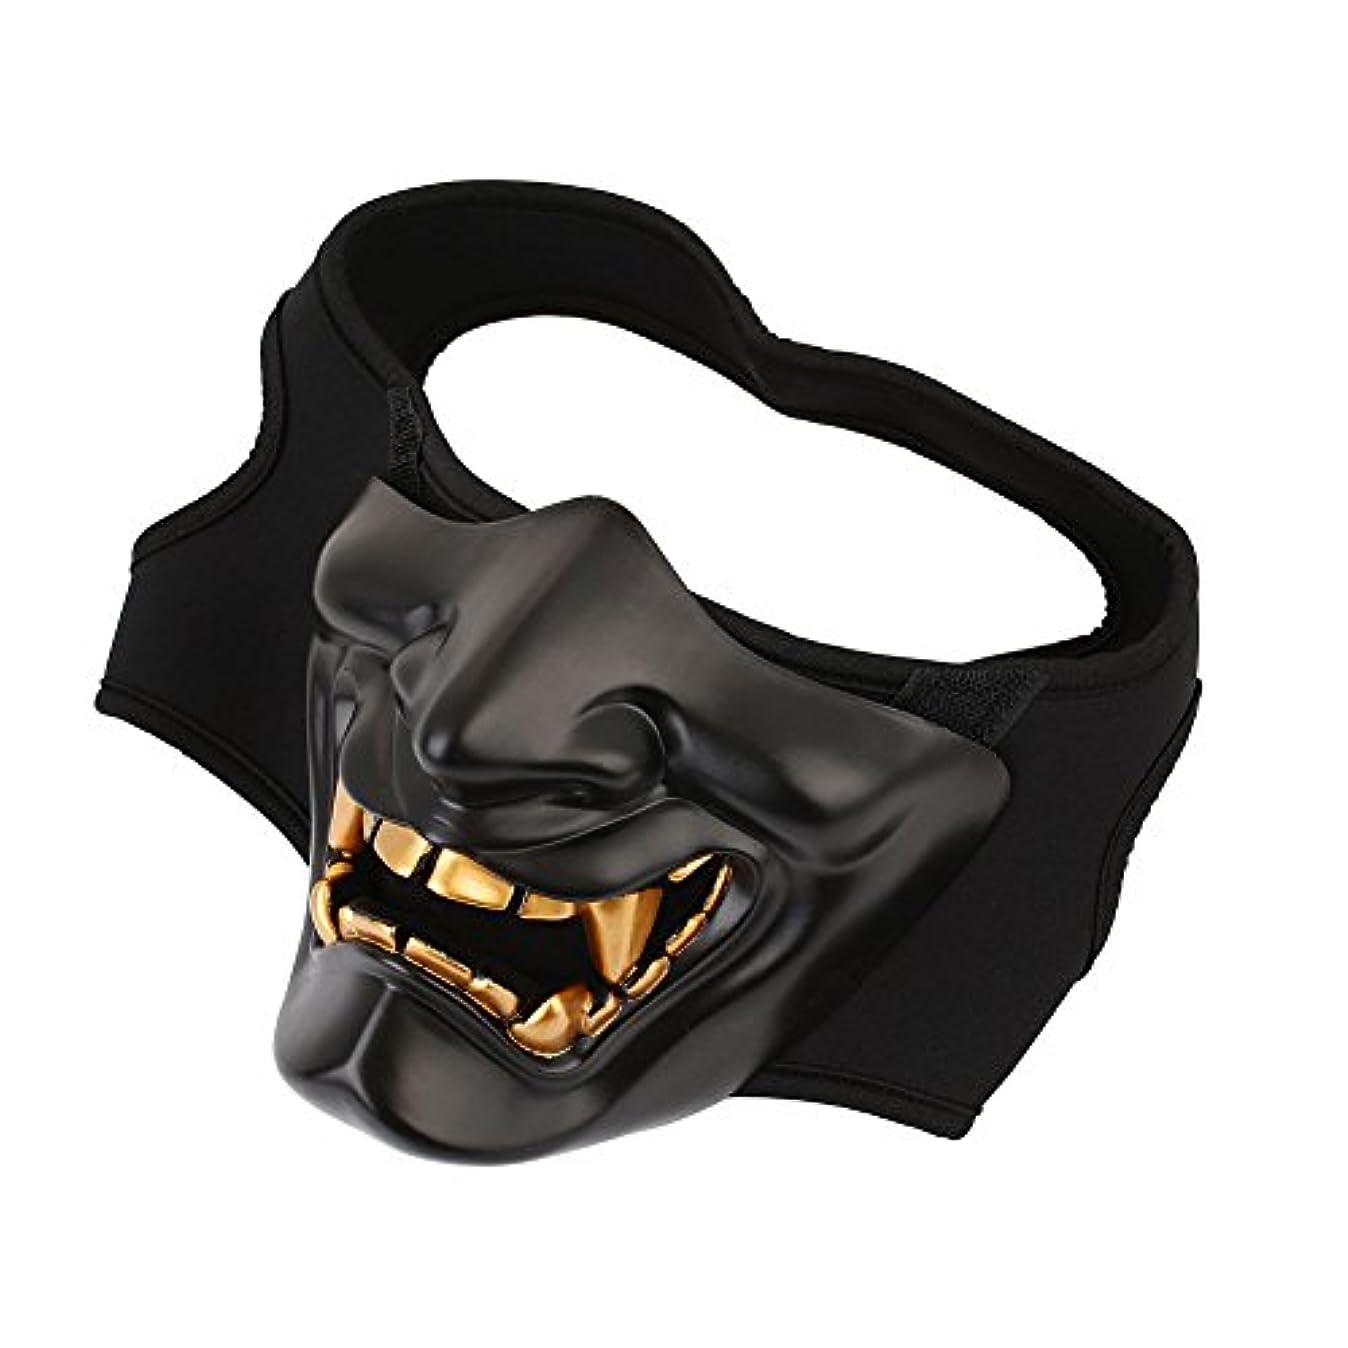 チャットファランクスAuntwhale ハロウィーンマスク大人恐怖コスチューム、悪魔ファンシーマスカレードパーティーハロウィンマスク、フェスティバル通気性ギフトヘッドマスク - ブラック